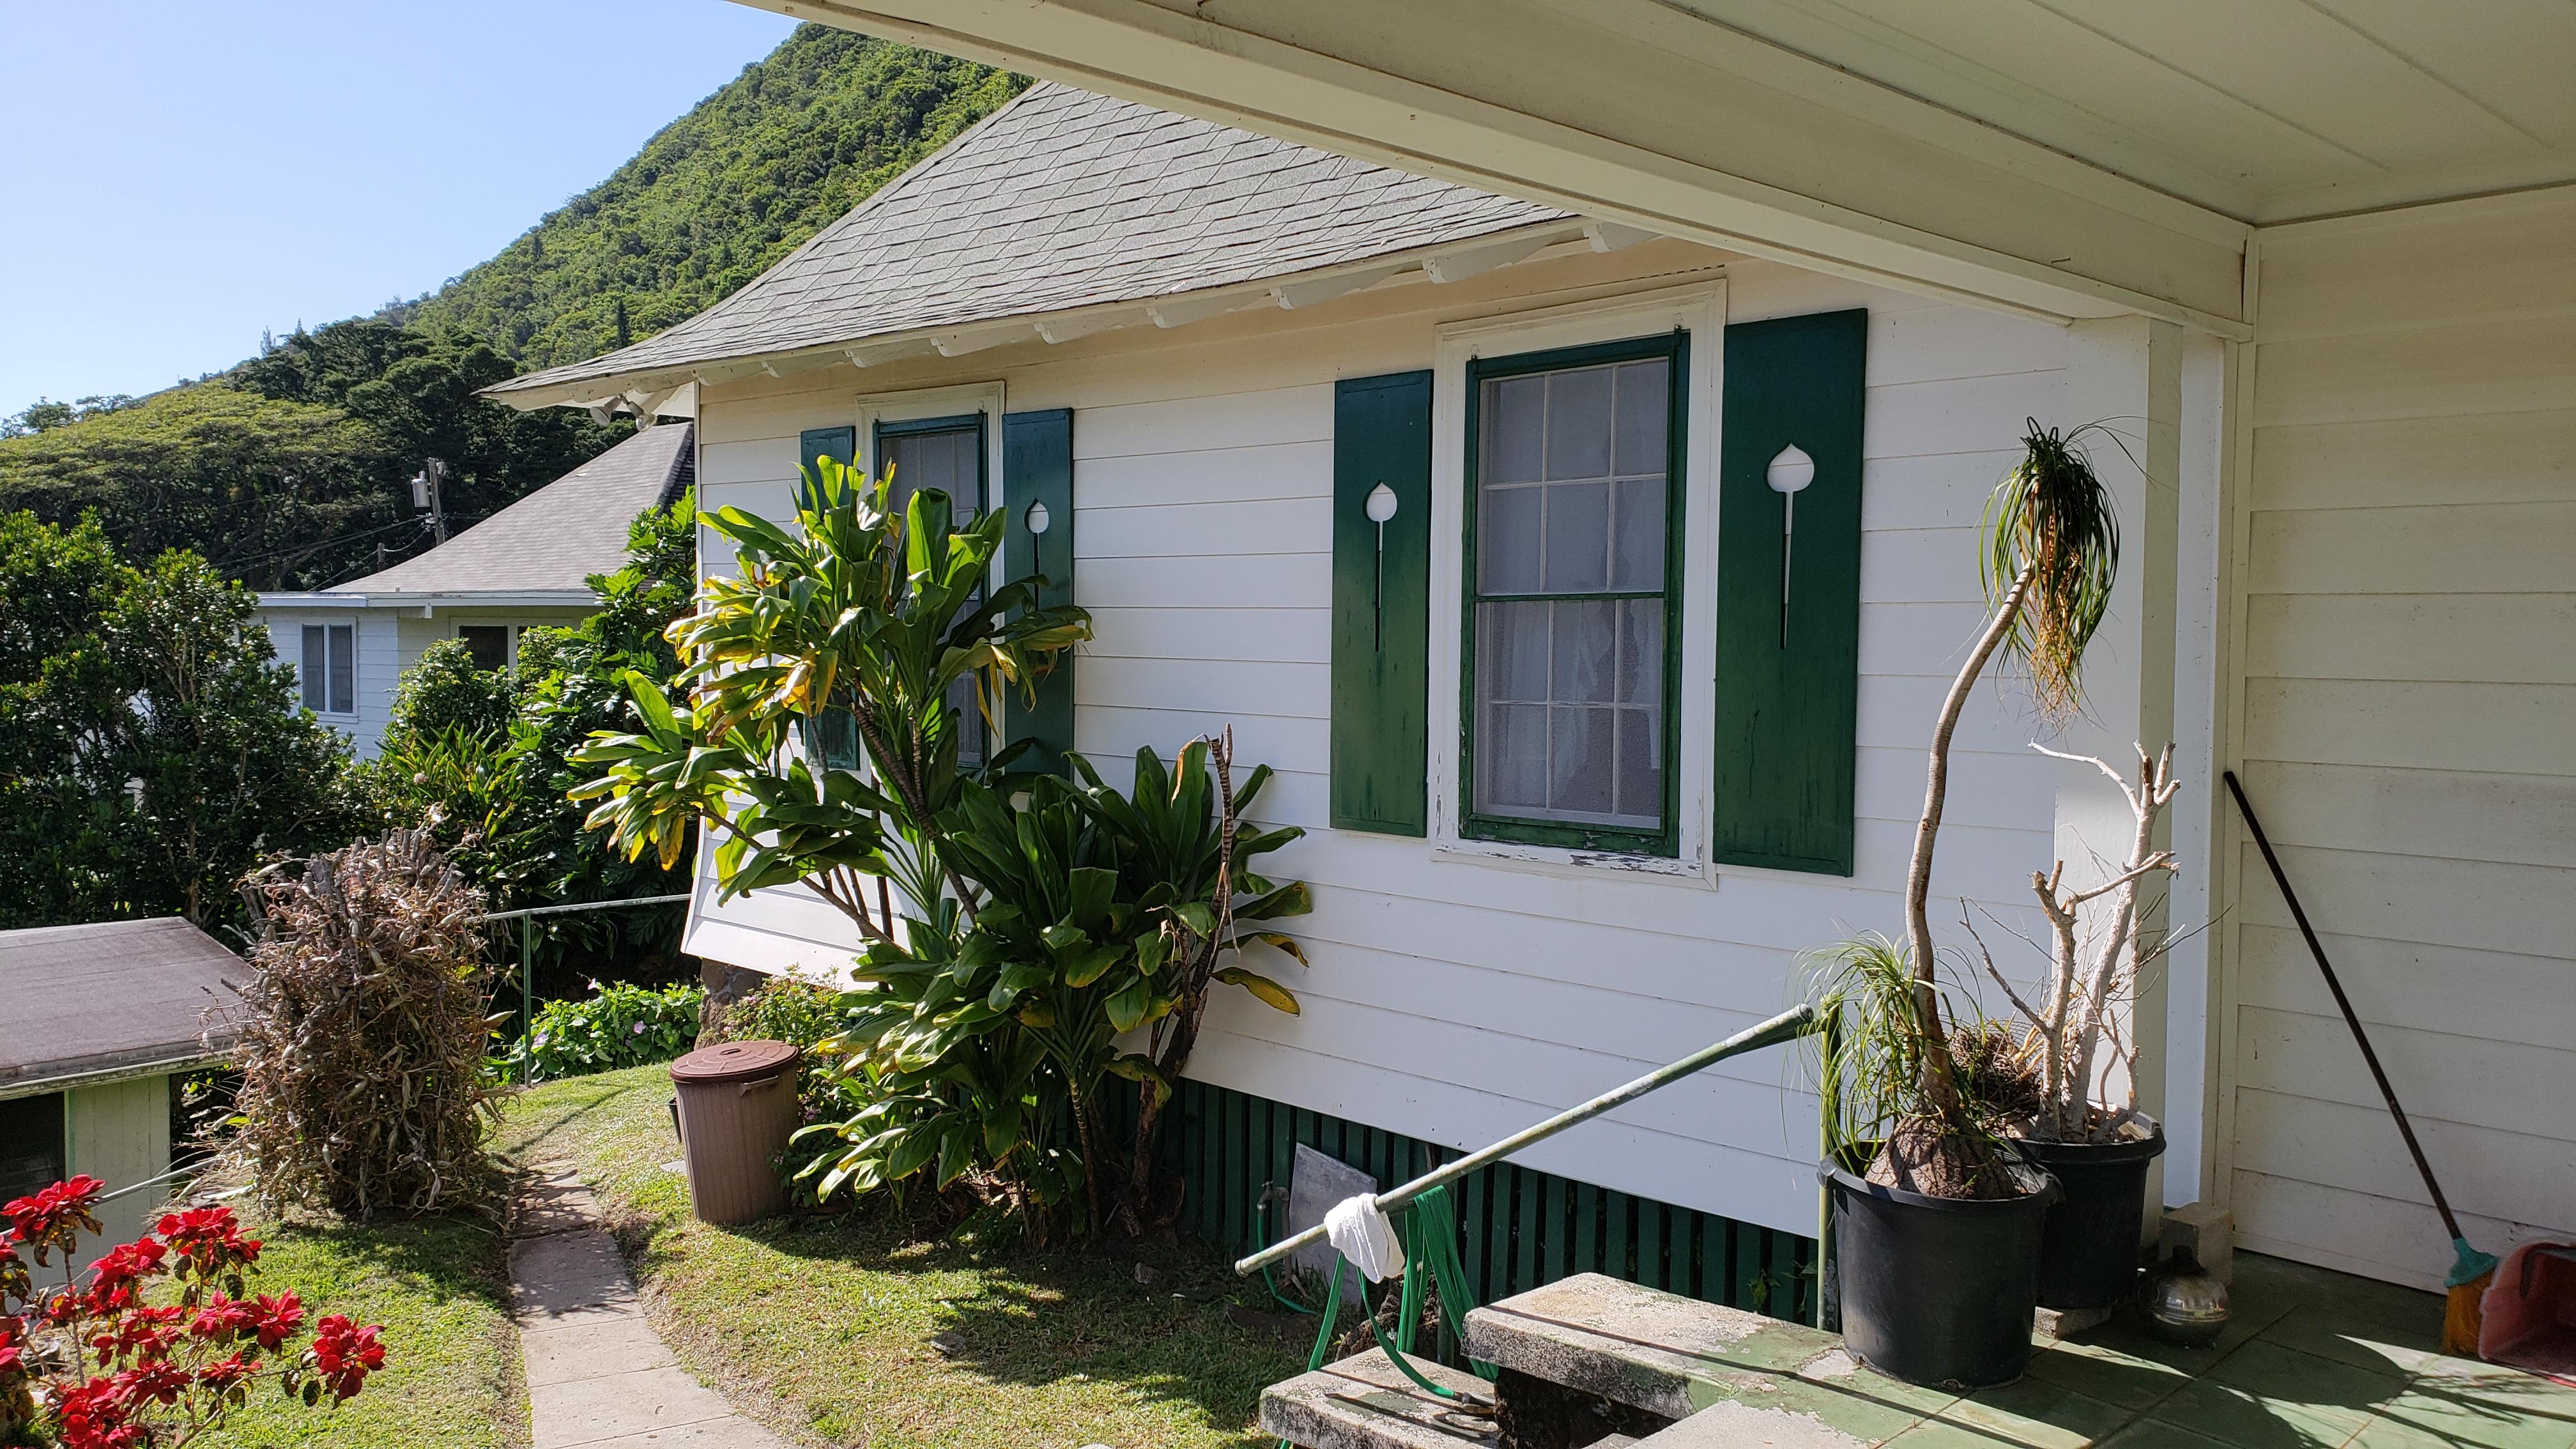 Manoa real estate